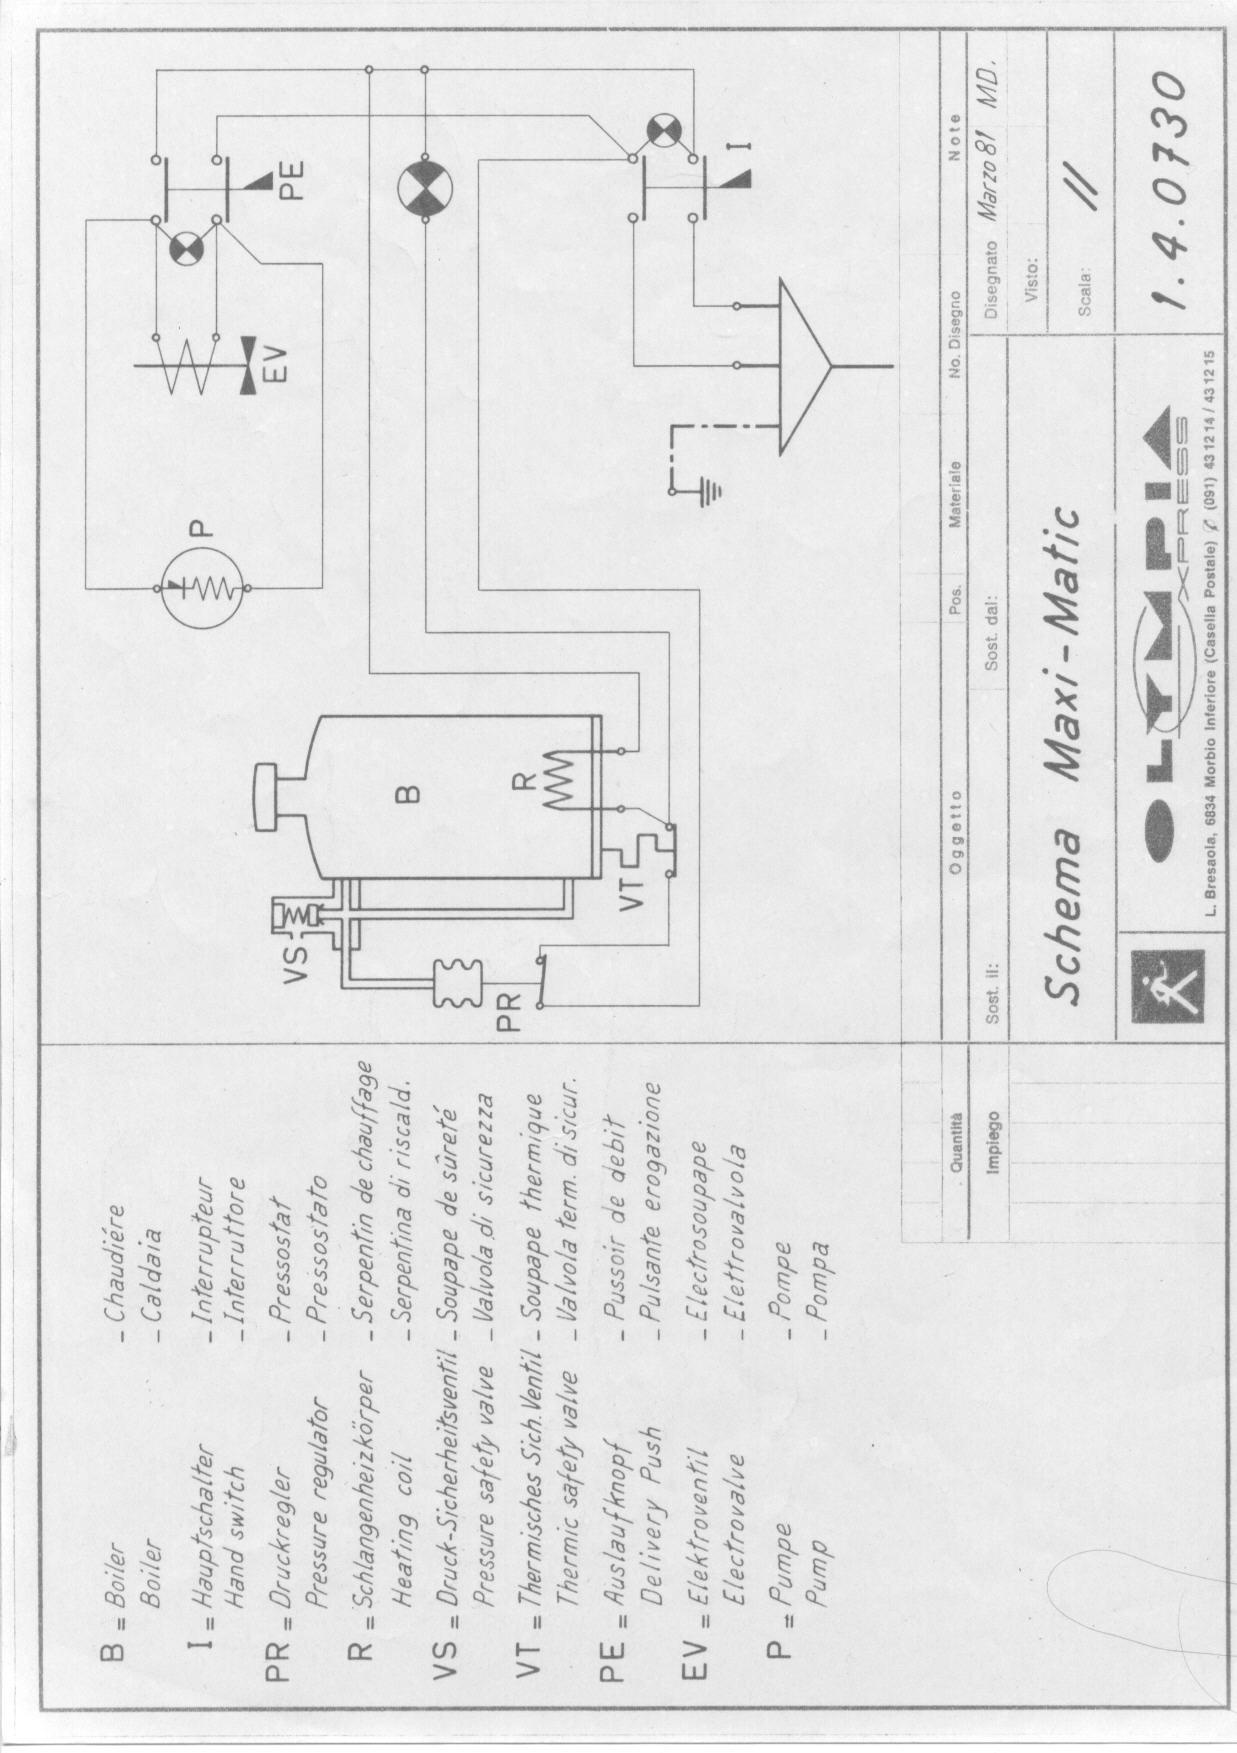 electrical diagram maximatic tav 38